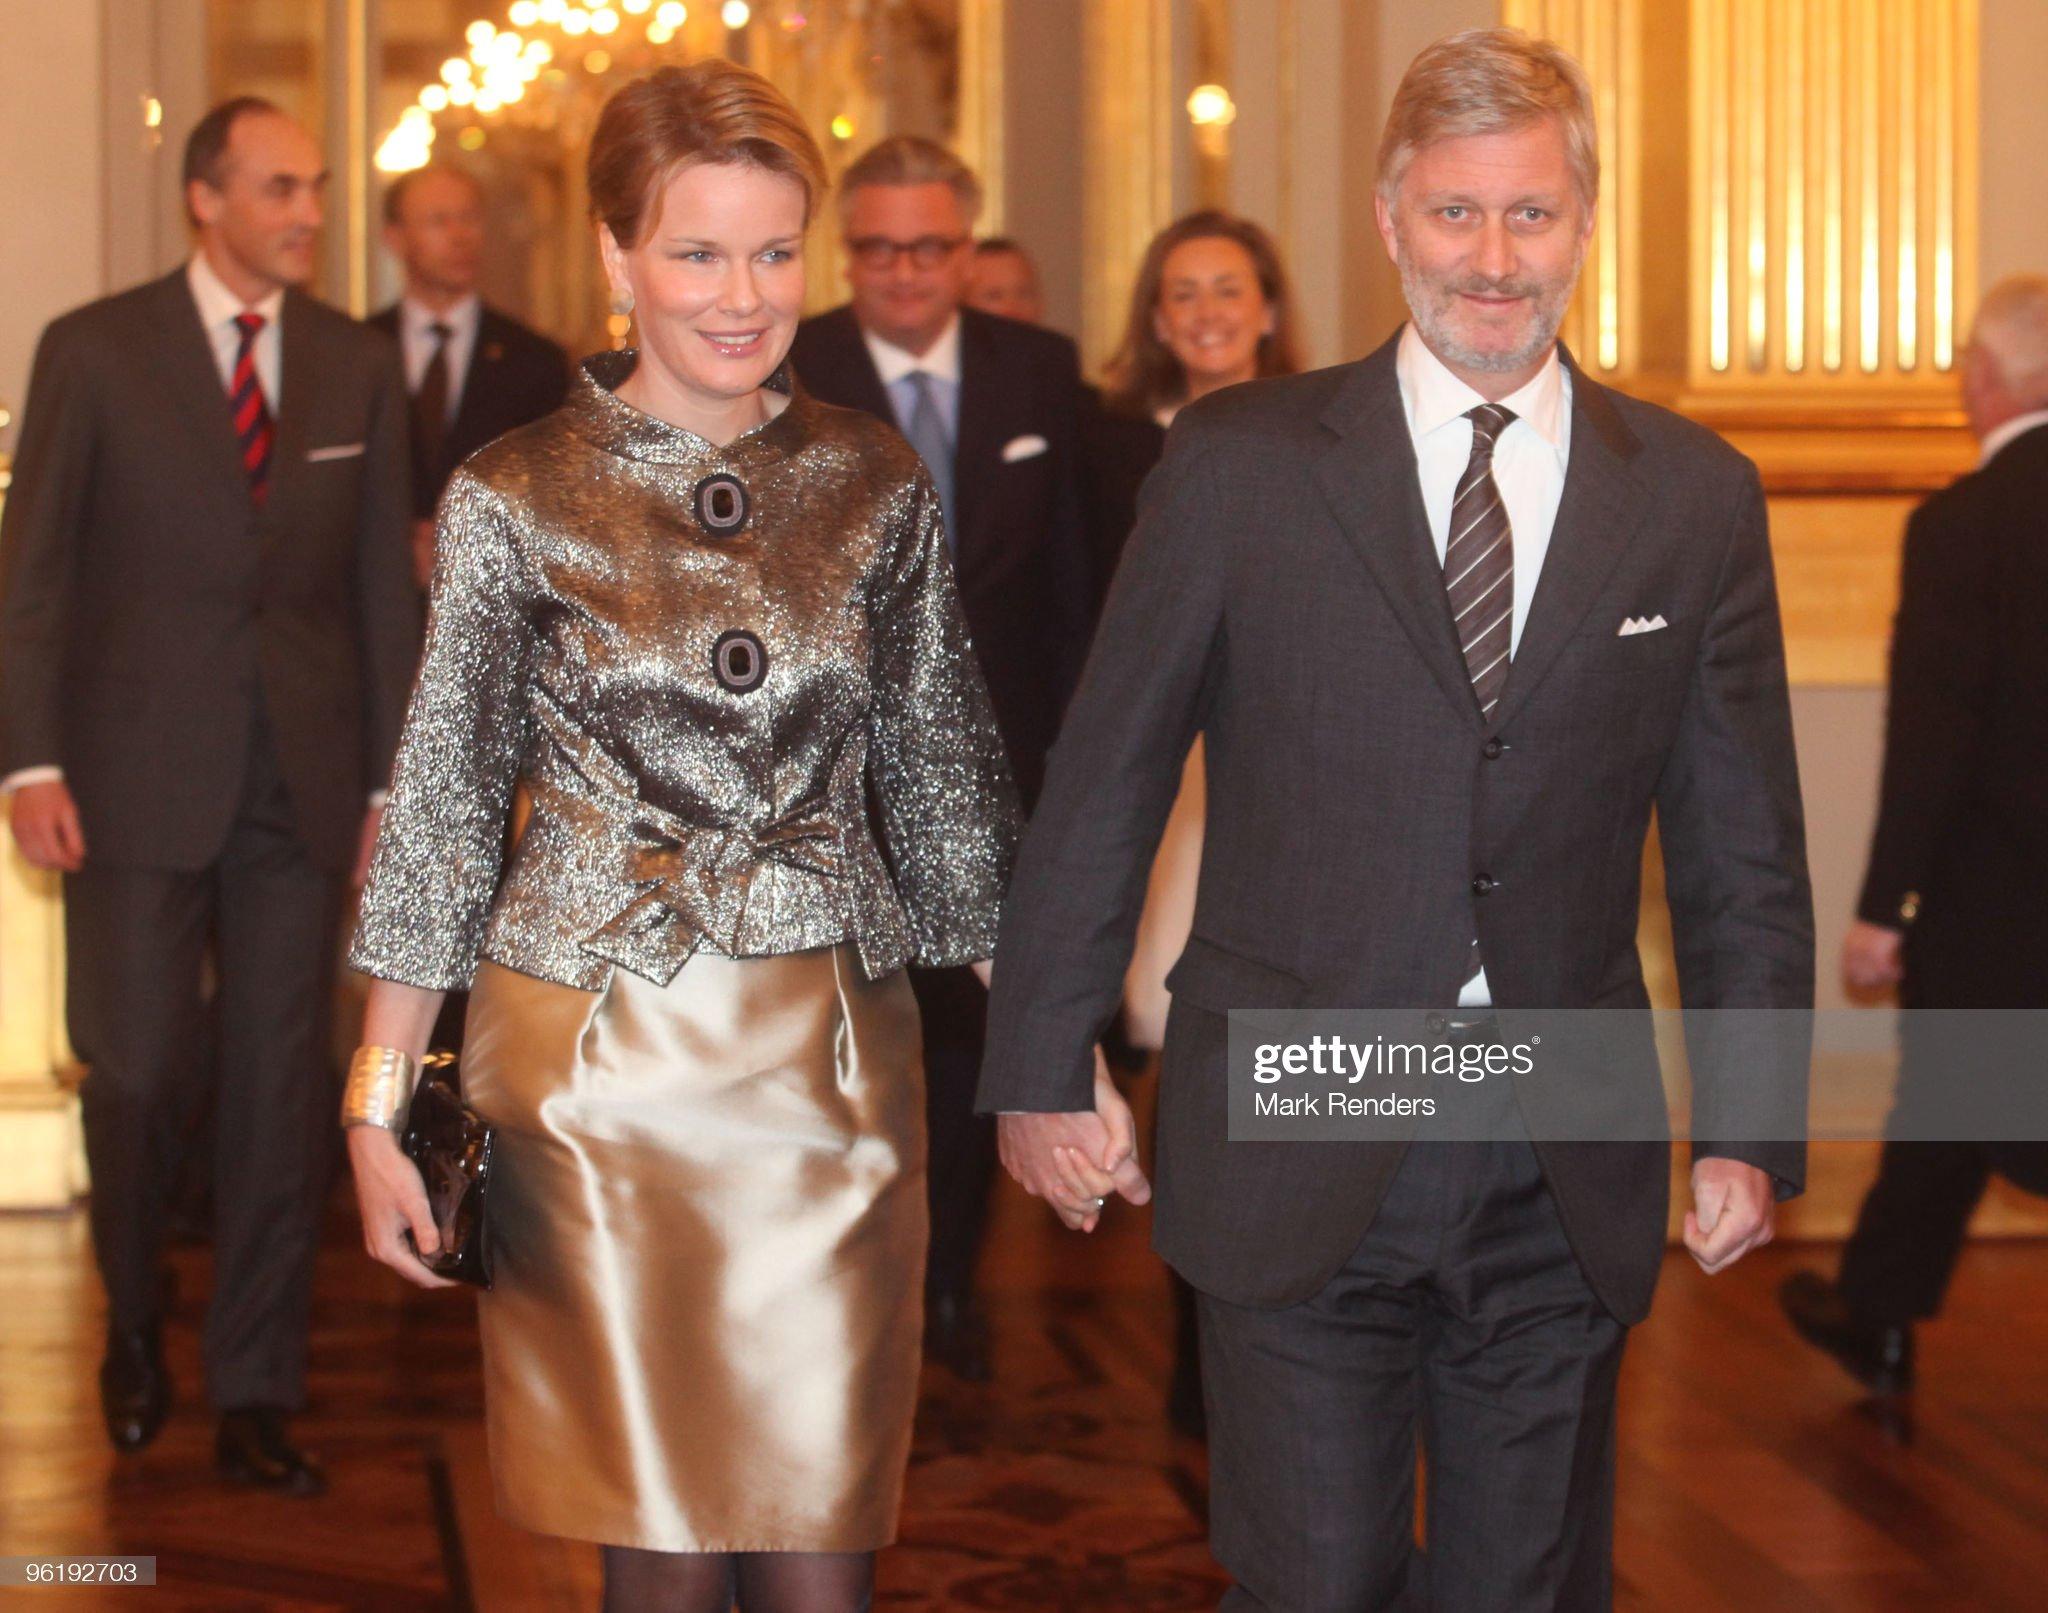 Вечерние наряды Королевы Матильды Belgian Royal Family Hosts New Year Reception : News Photo